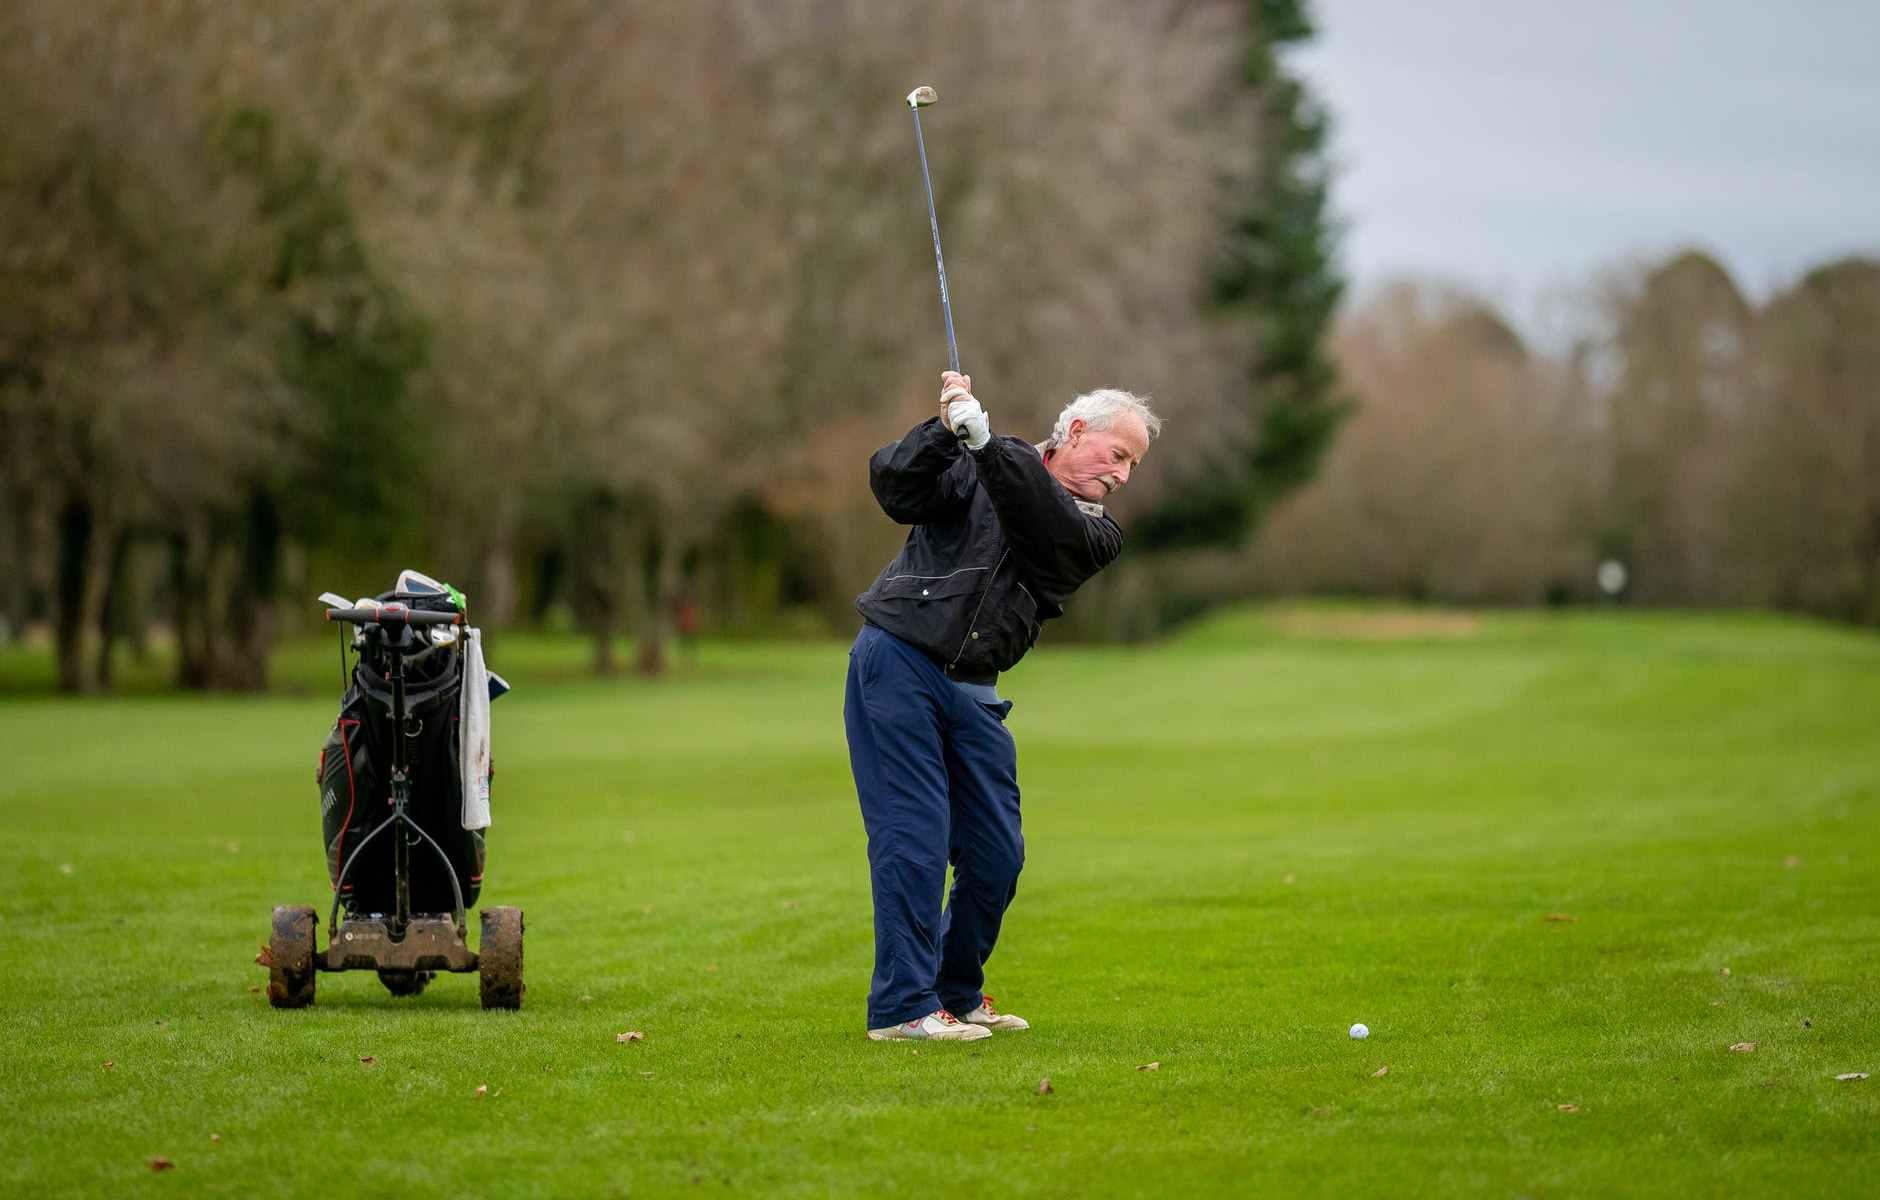 an elderly man playing golf